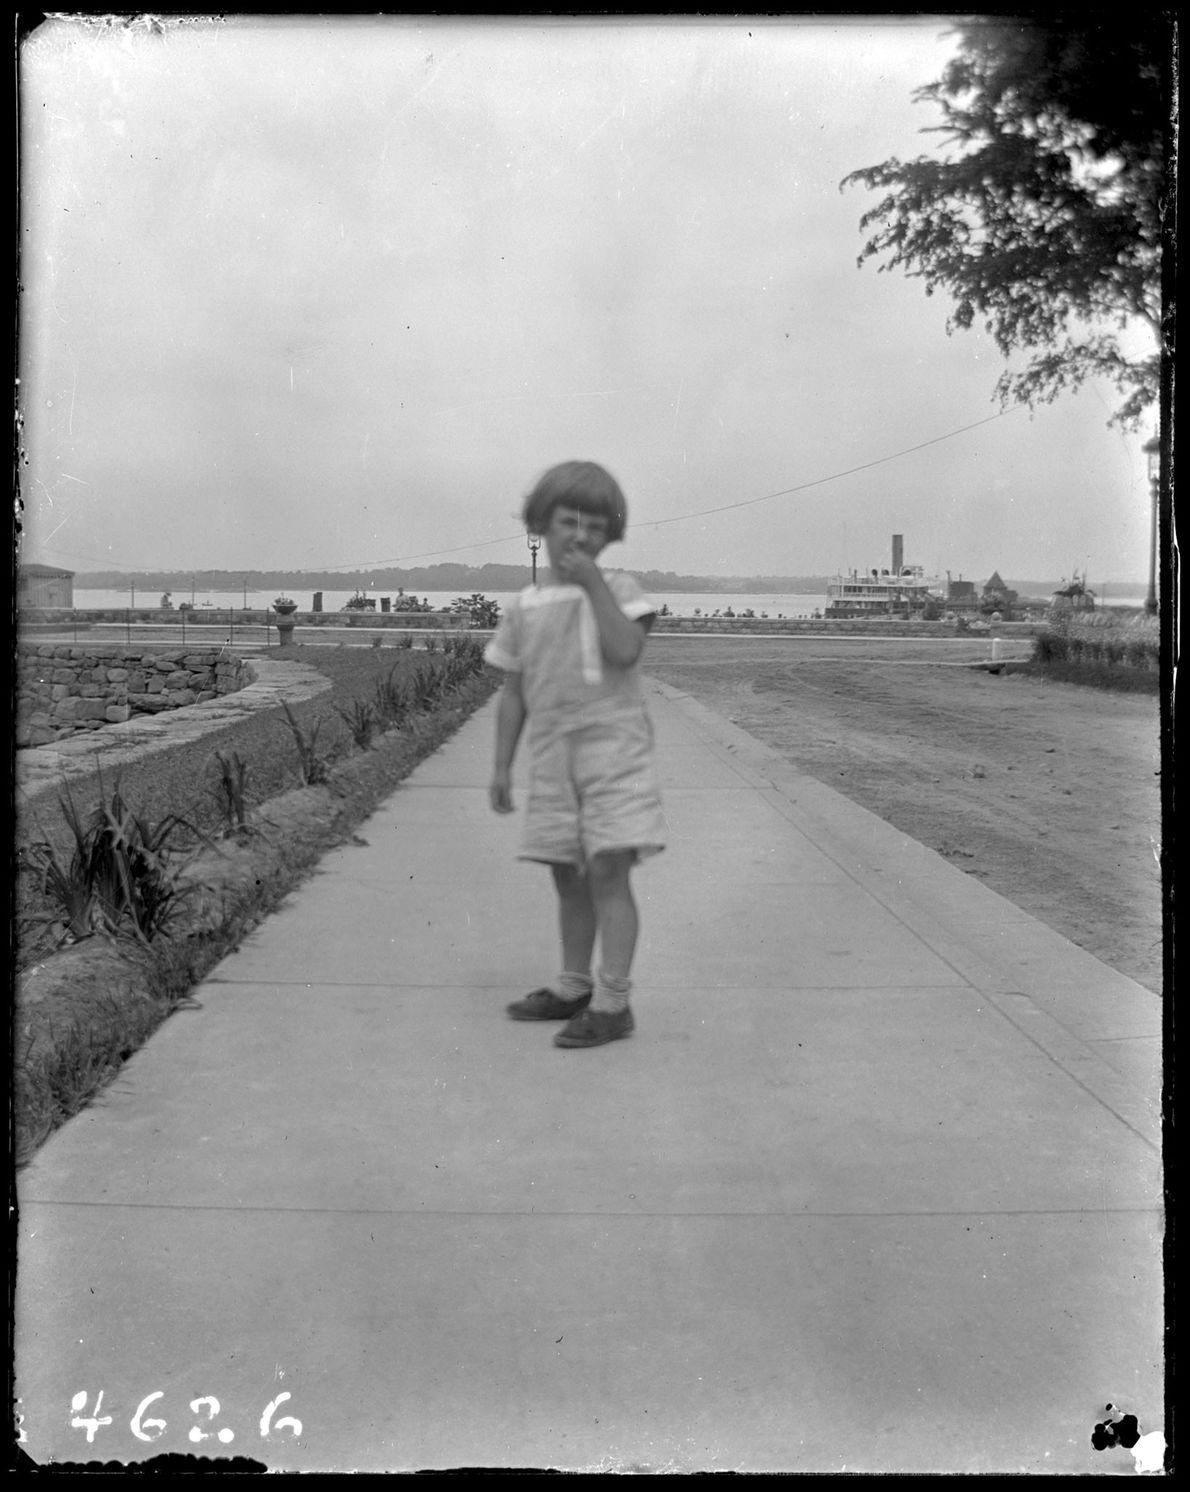 Un enfant à l'identité inconnue sur Hart Island, vers 1913.